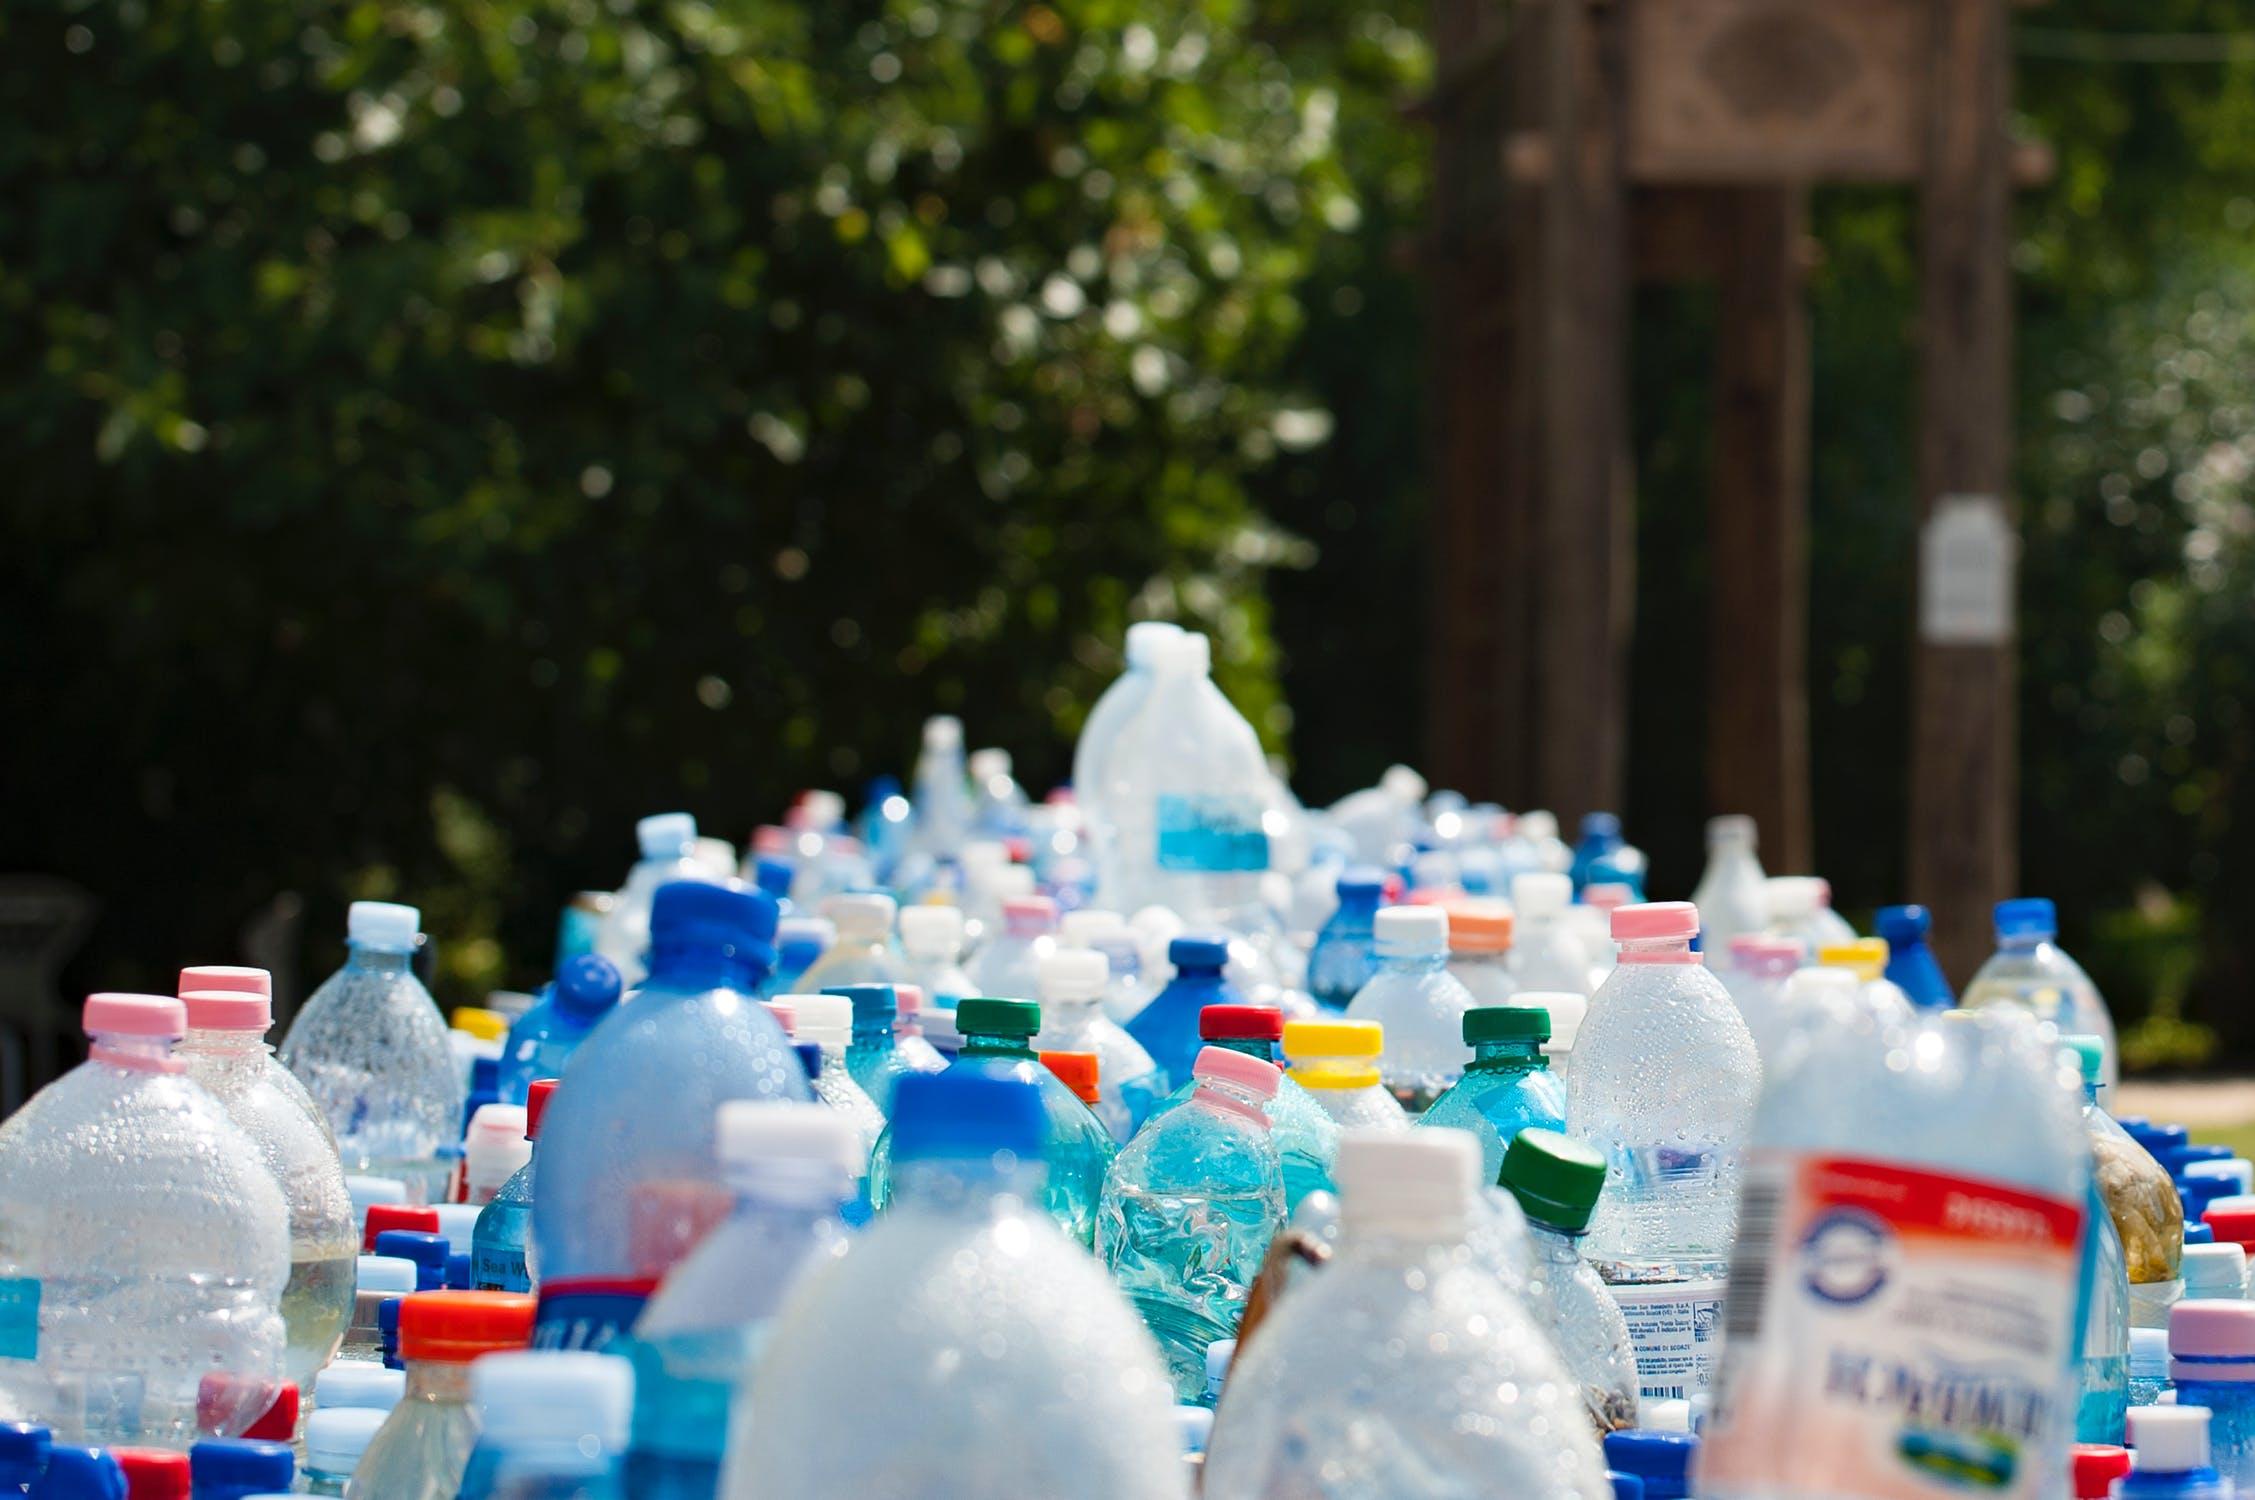 La importancia del reciclaje del plástico